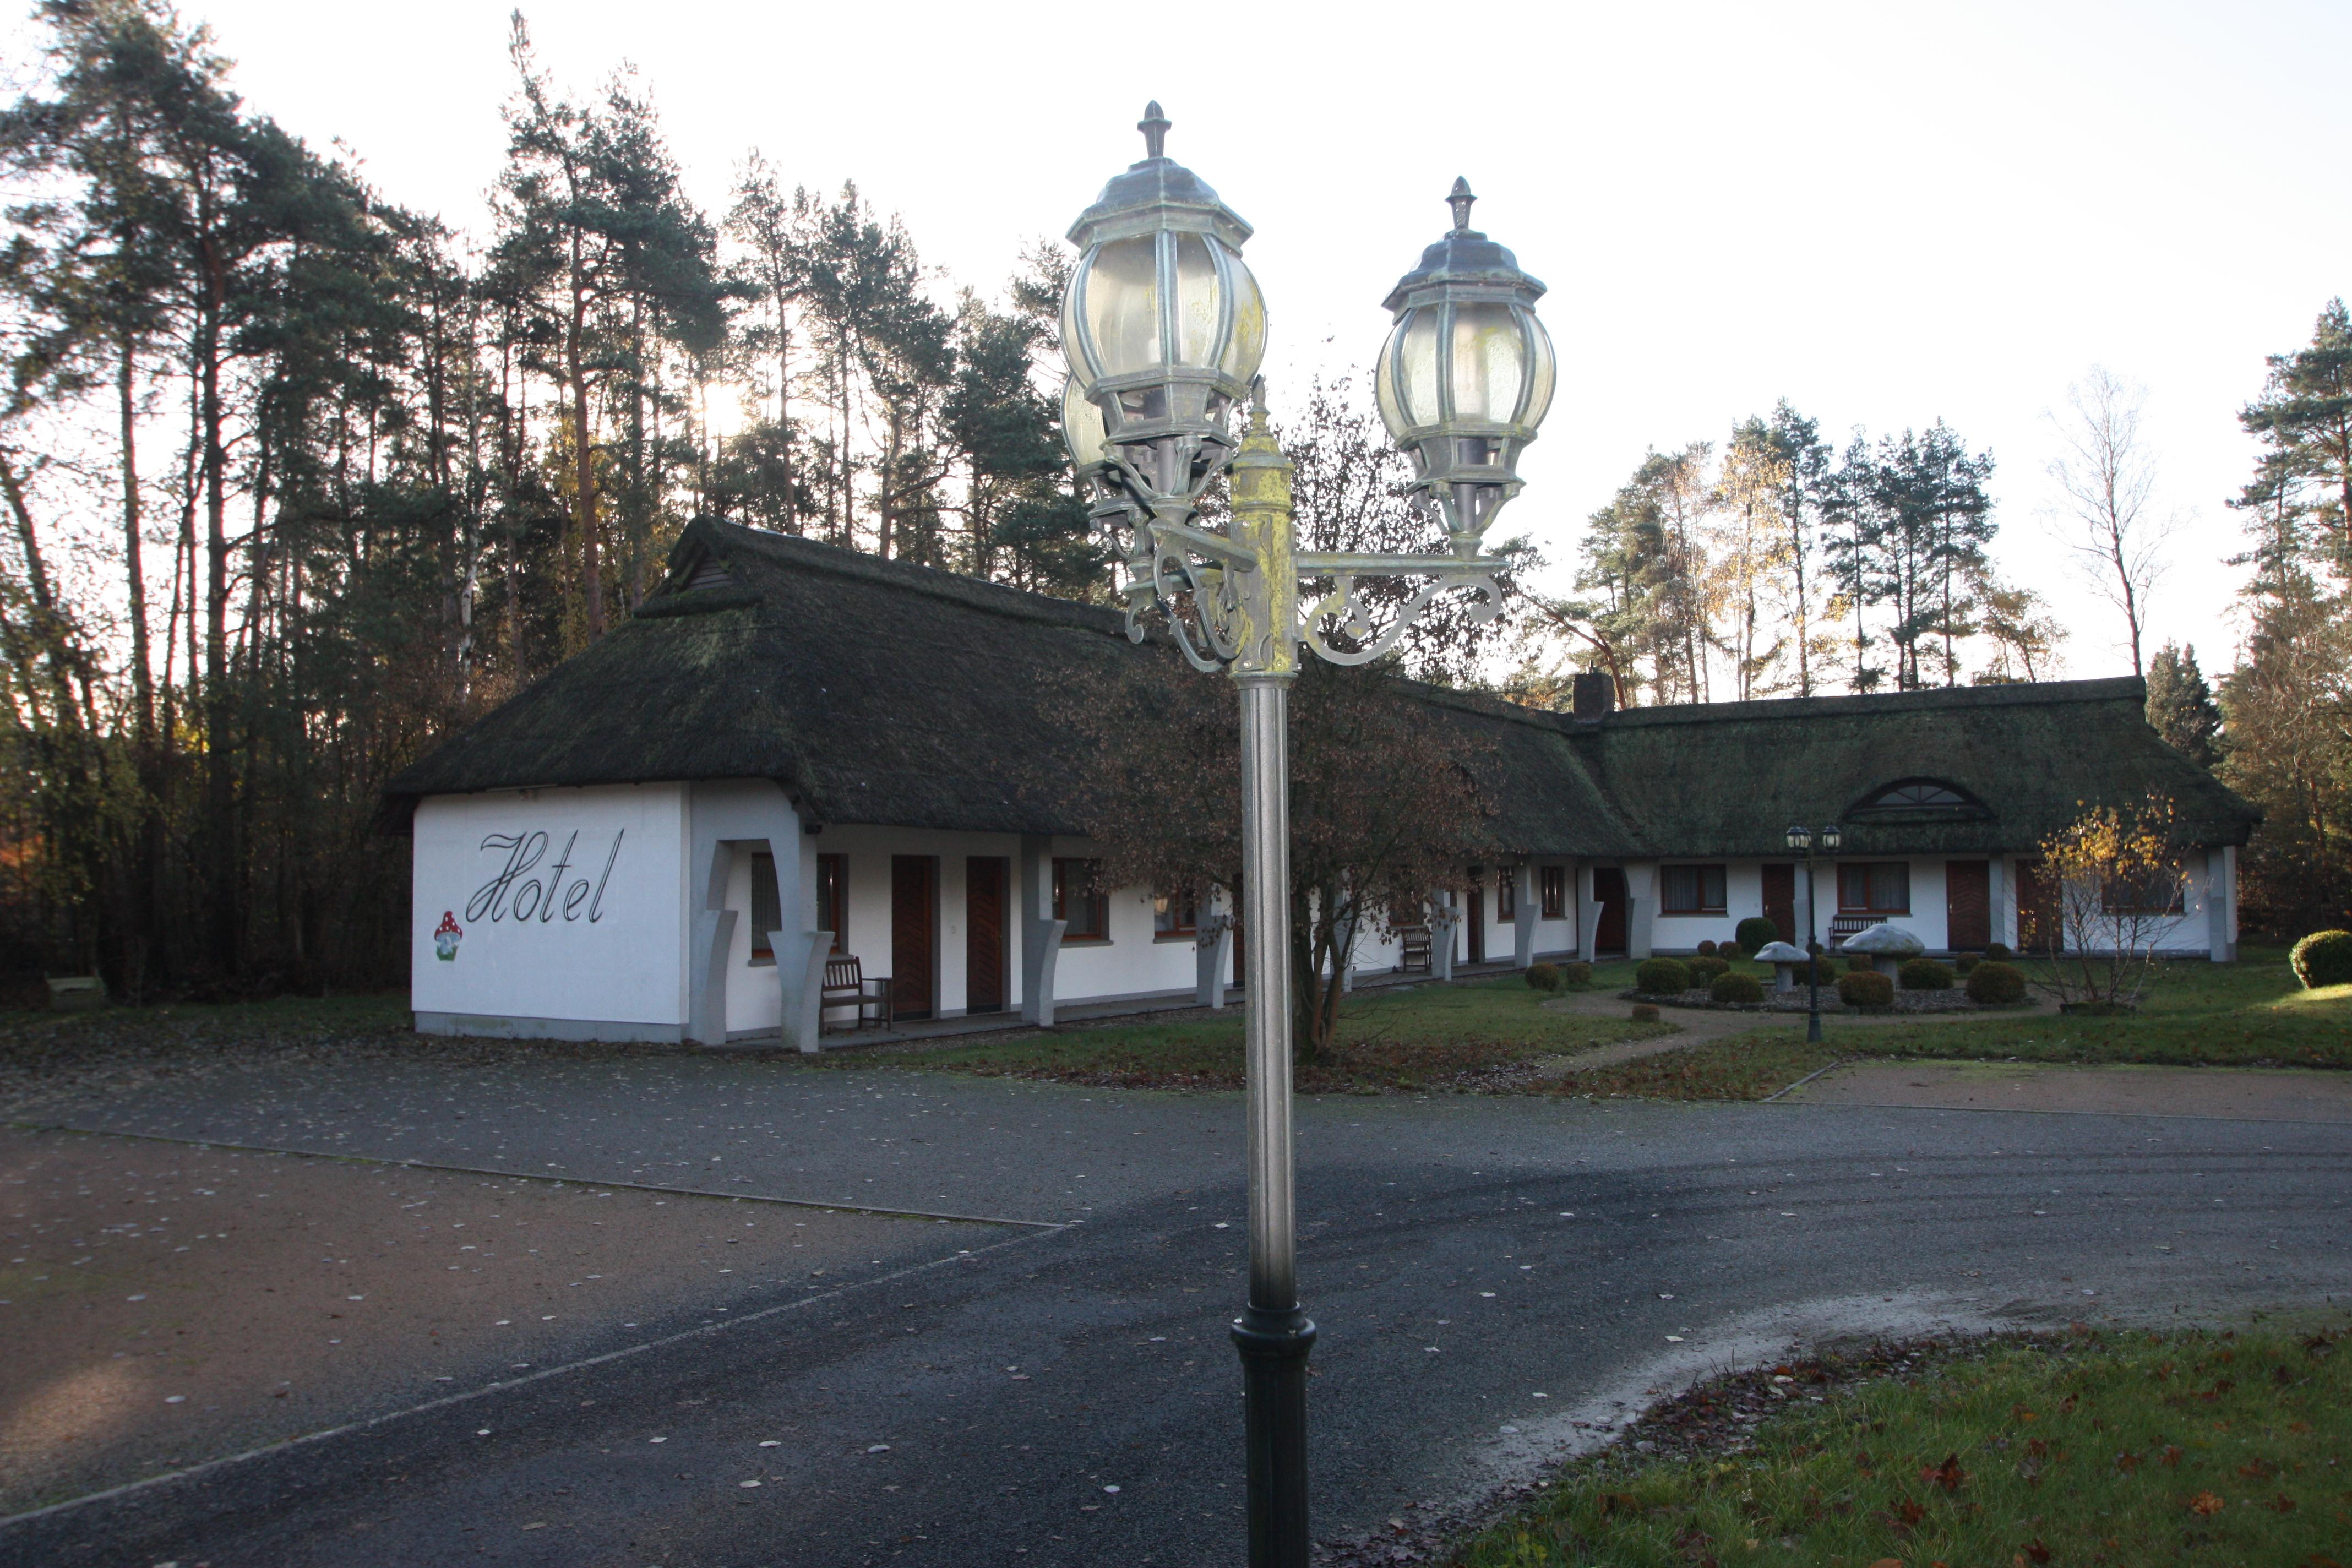 Landgasthof Zum Pilz Wesendorf bei Gifhorn in der Südheide an der B4